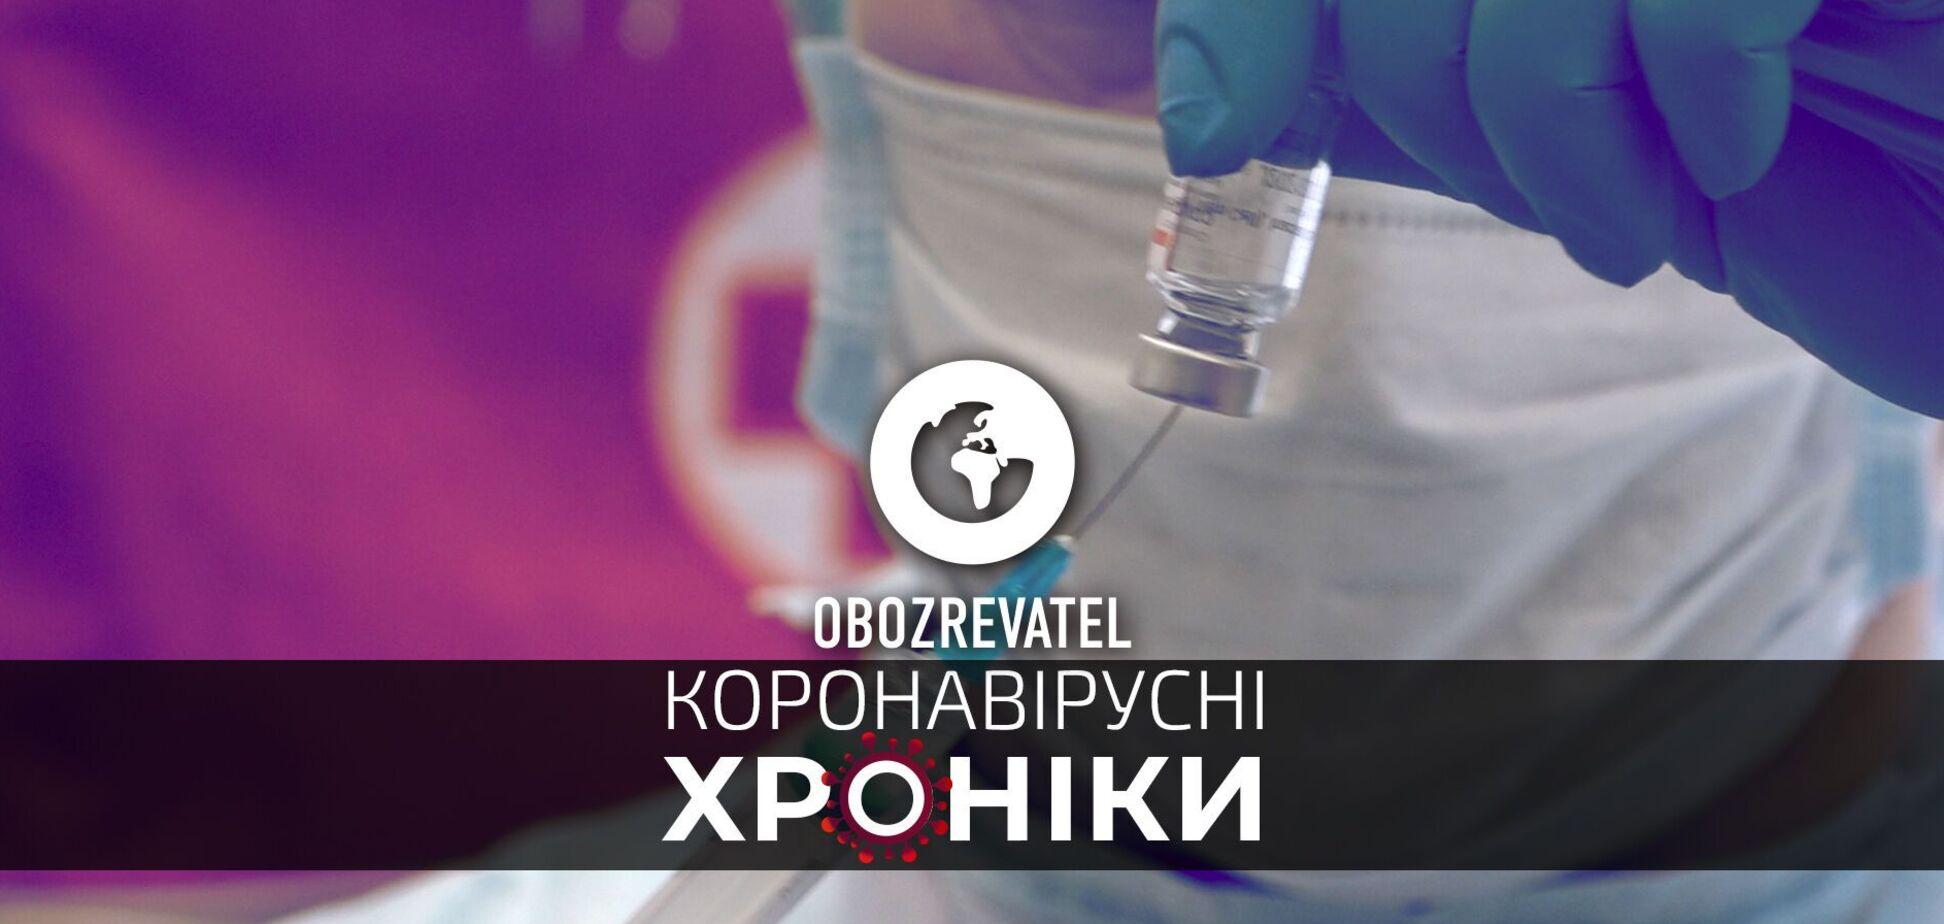 Ще одна смерть після щеплення вакциною AstraZeneca та найкращий медичний препарат проти 'COVID-19' – коронавірусні хроніки